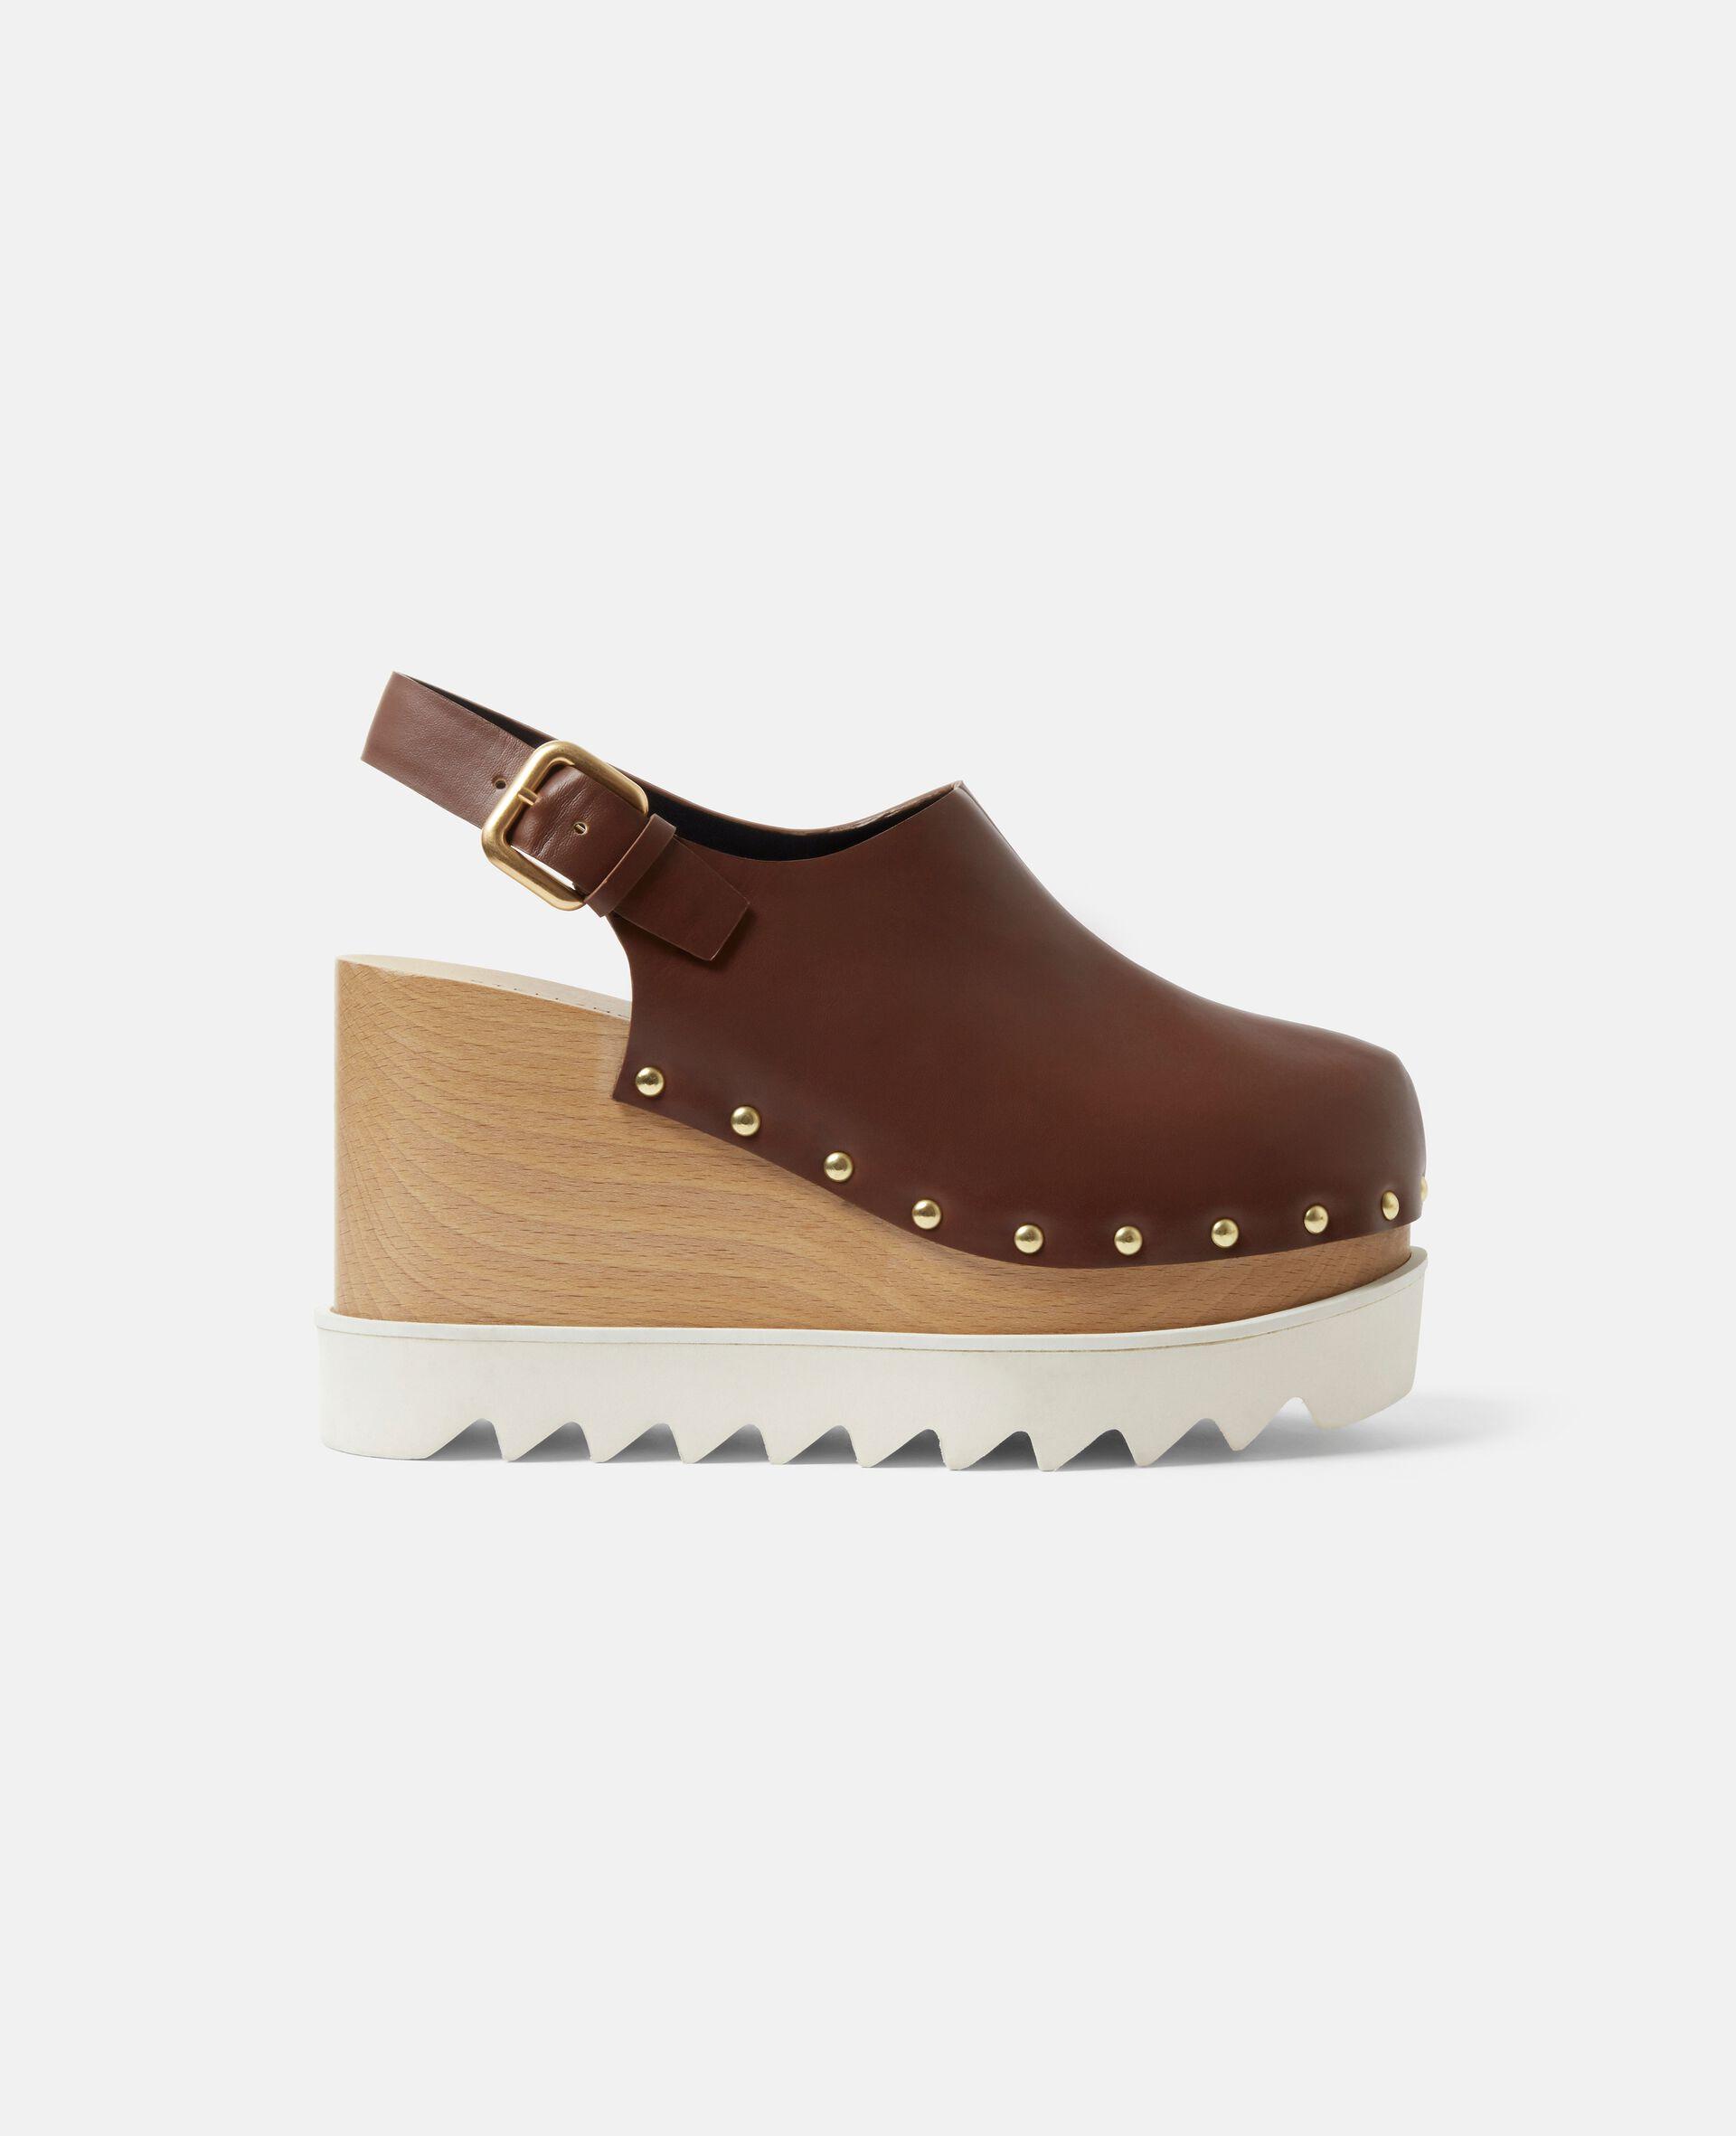 Elyse Stud Hardware Sandals-Brown-large image number 0